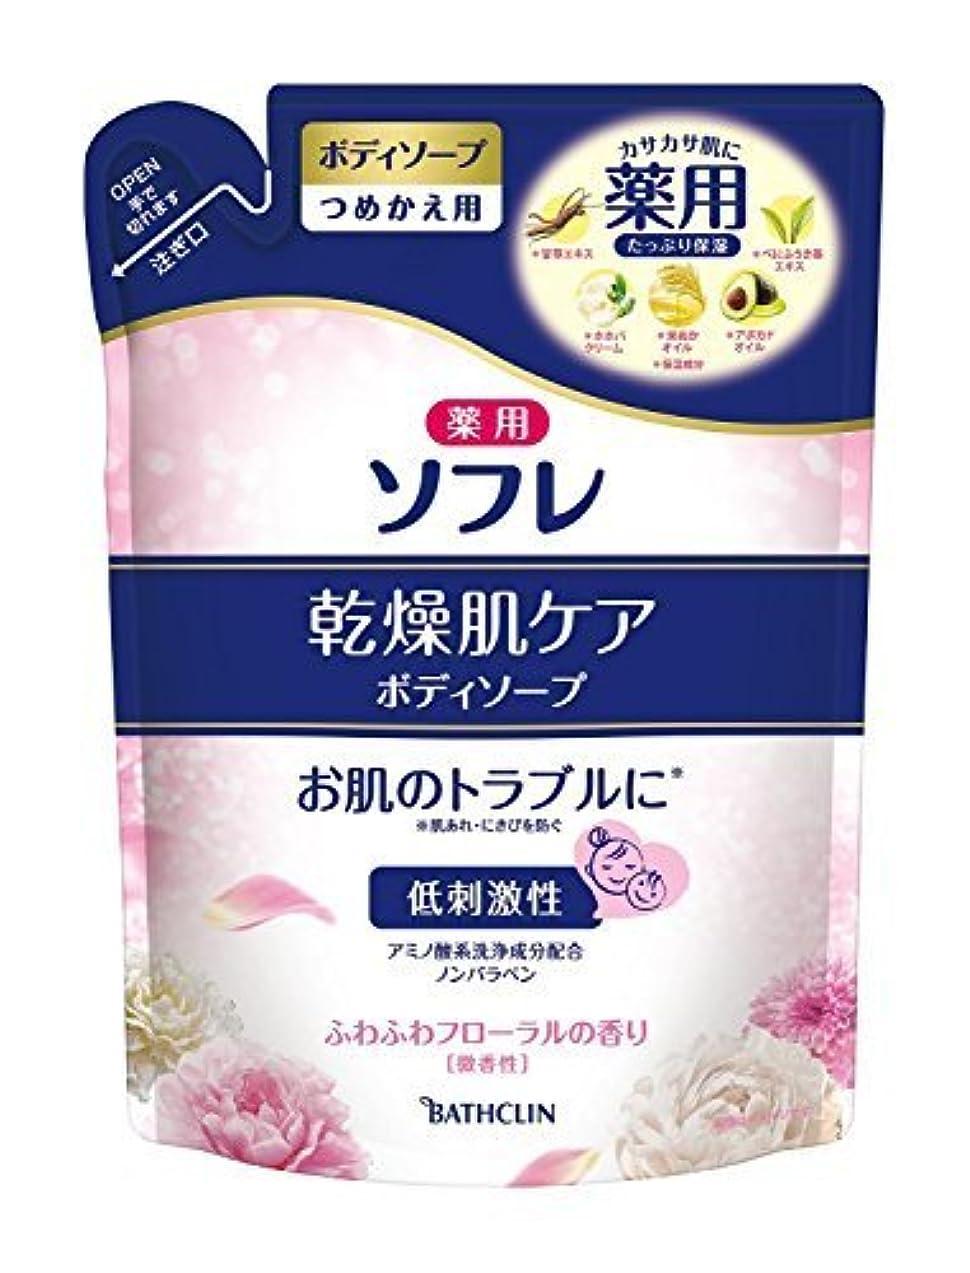 金銭的な液体保育園薬用ソフレ 乾燥肌ケアボディ詰替 × 10個セット